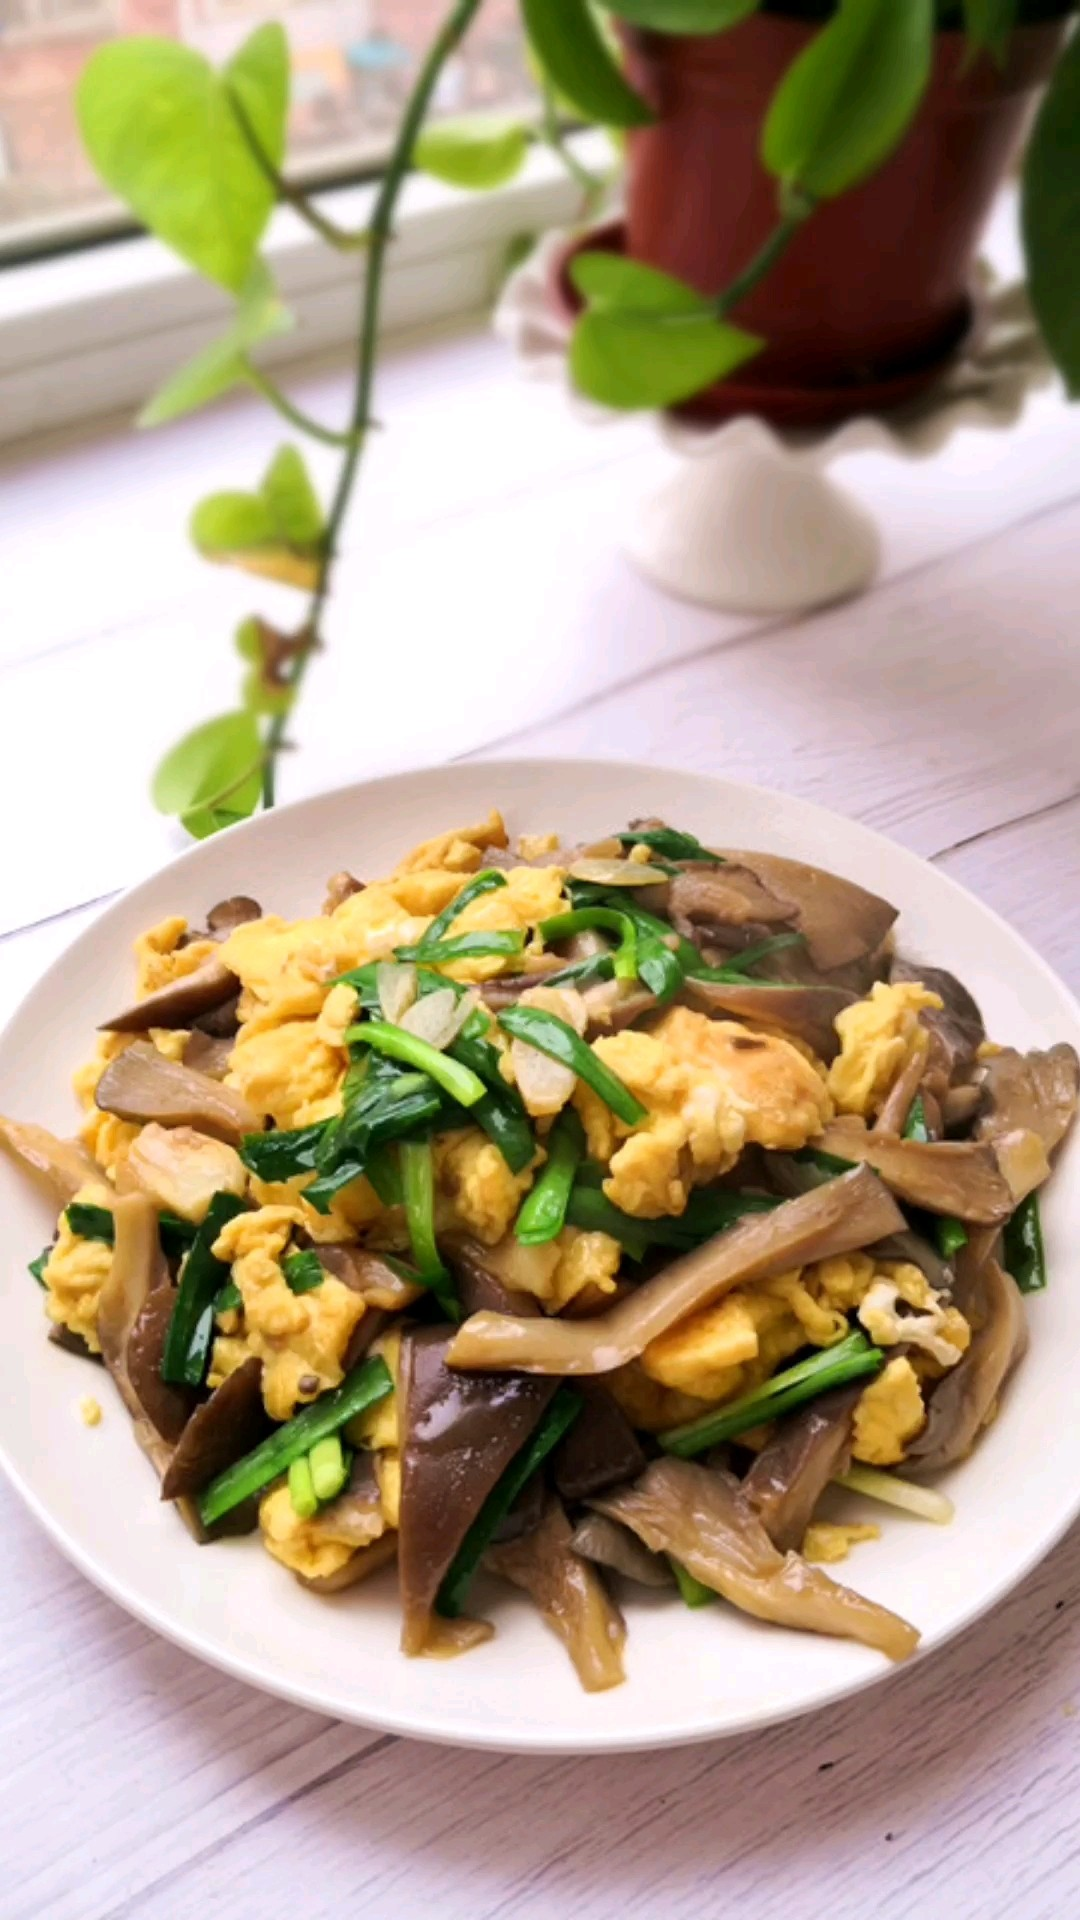 鸡蛋炒蘑菇